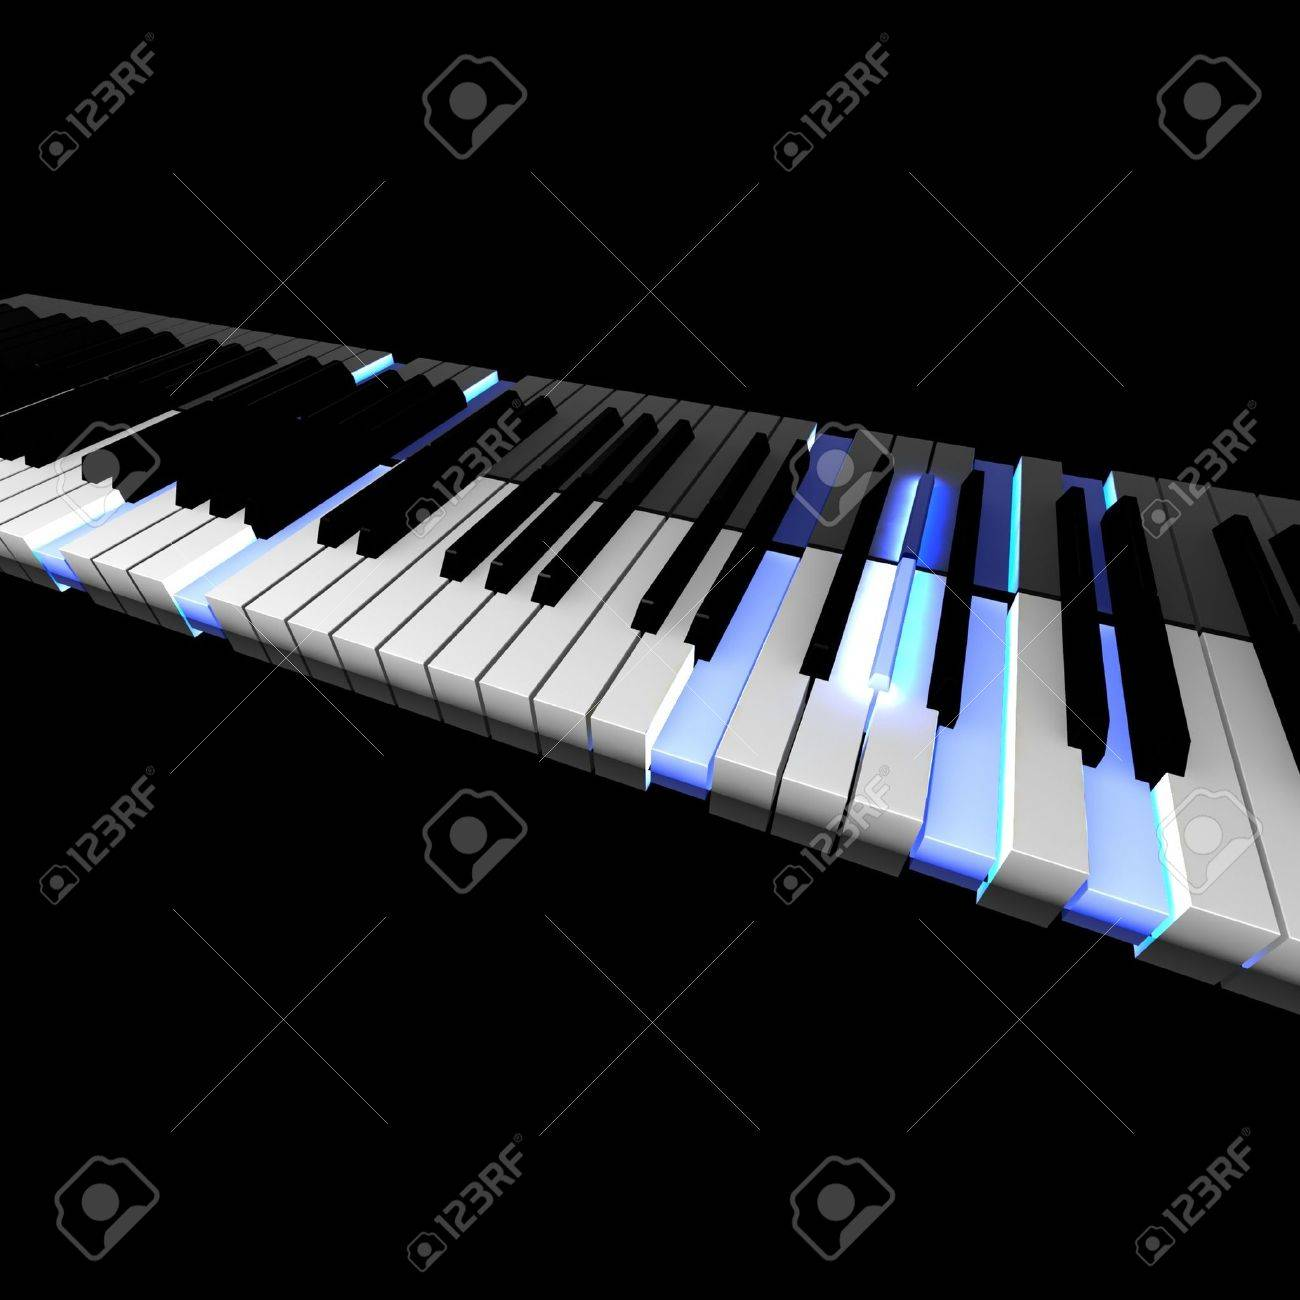 klavier beleuchtung